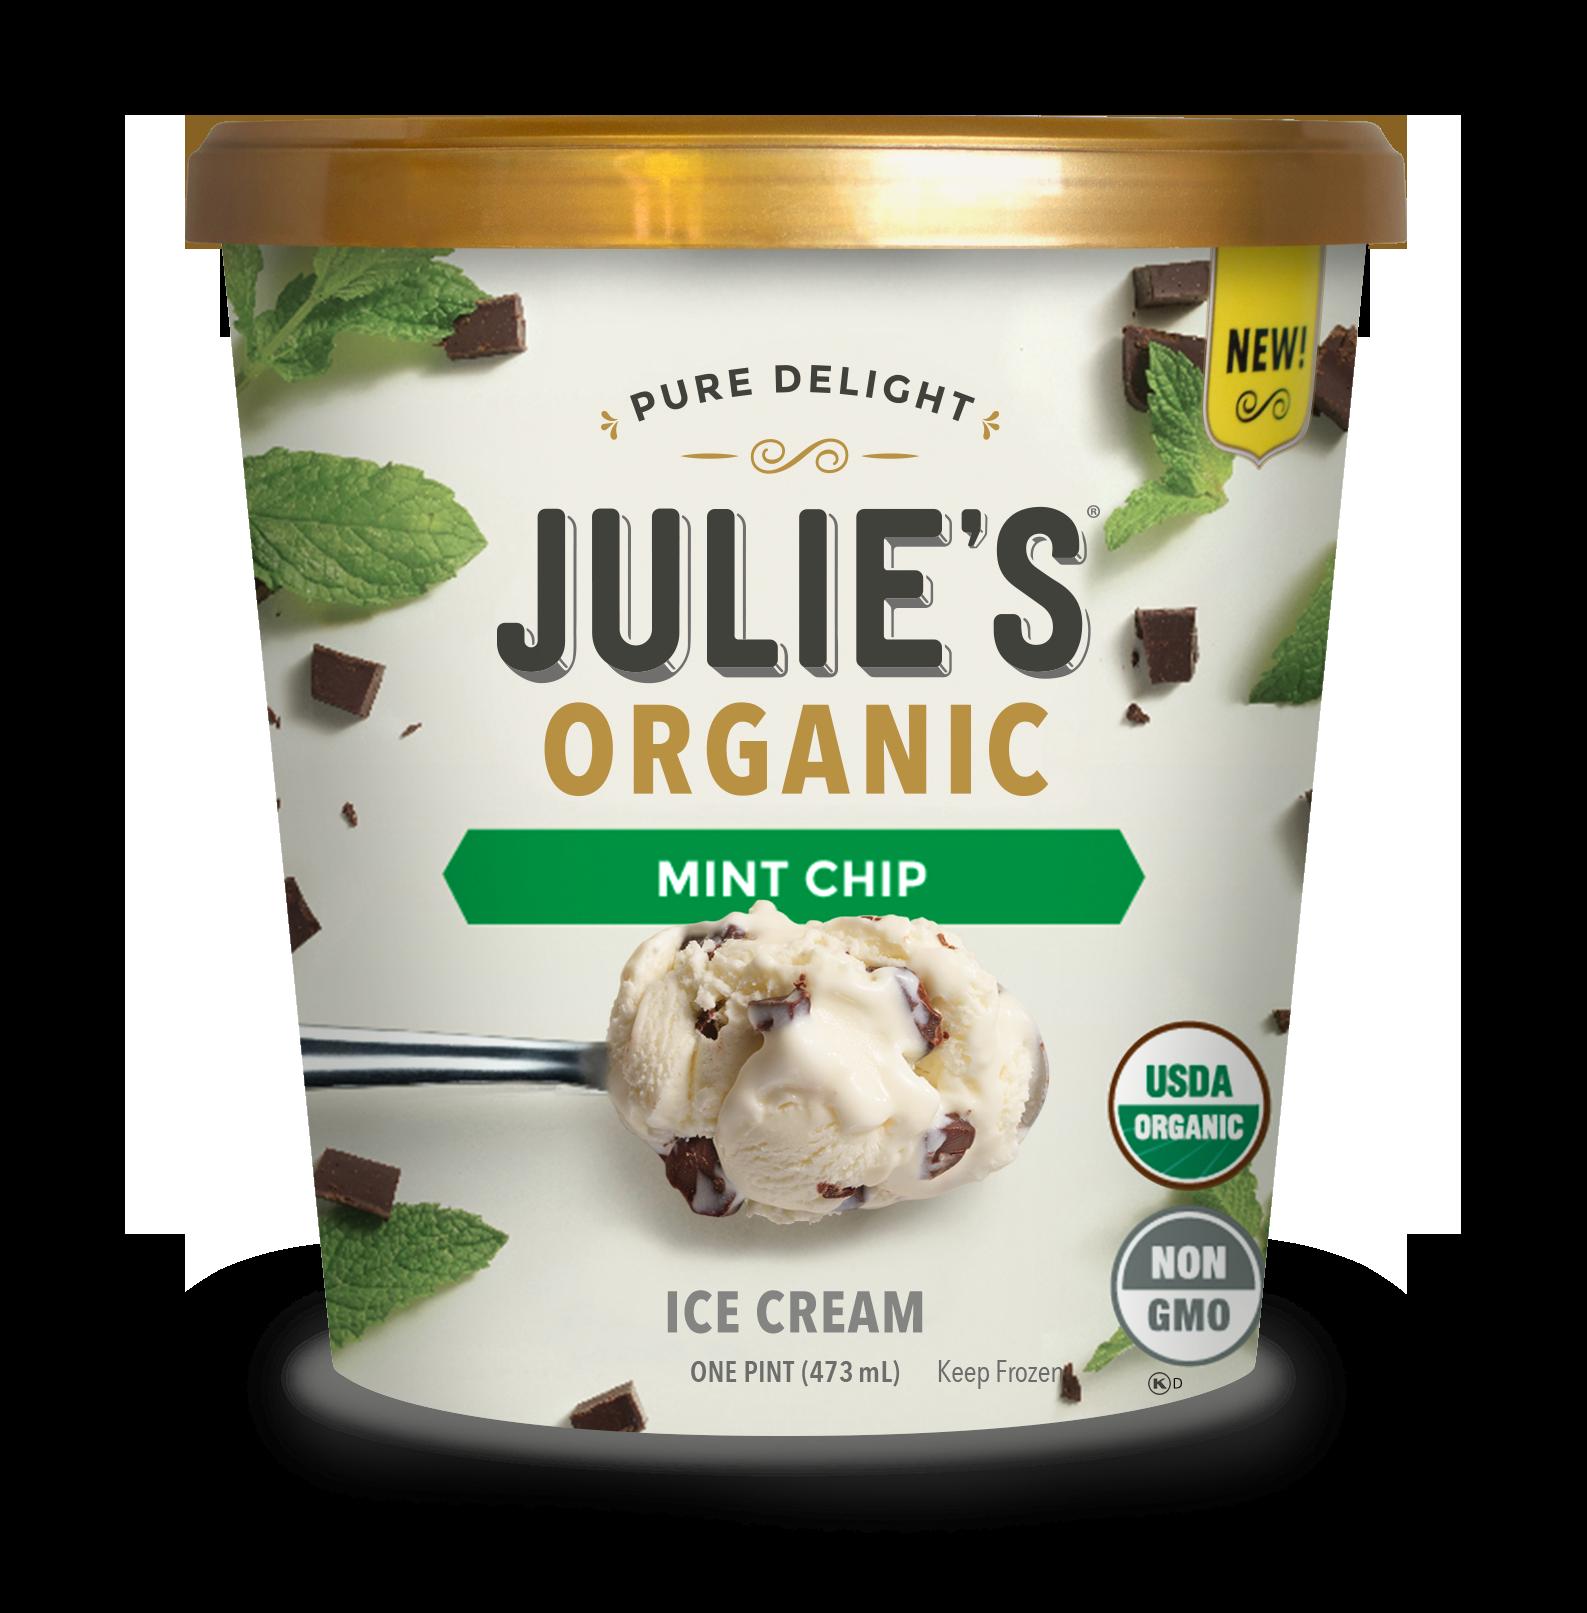 Mint Chip Julie S Organic Ice Cream Organic Ice Cream Ice Cream Packaging Ice Cream Design